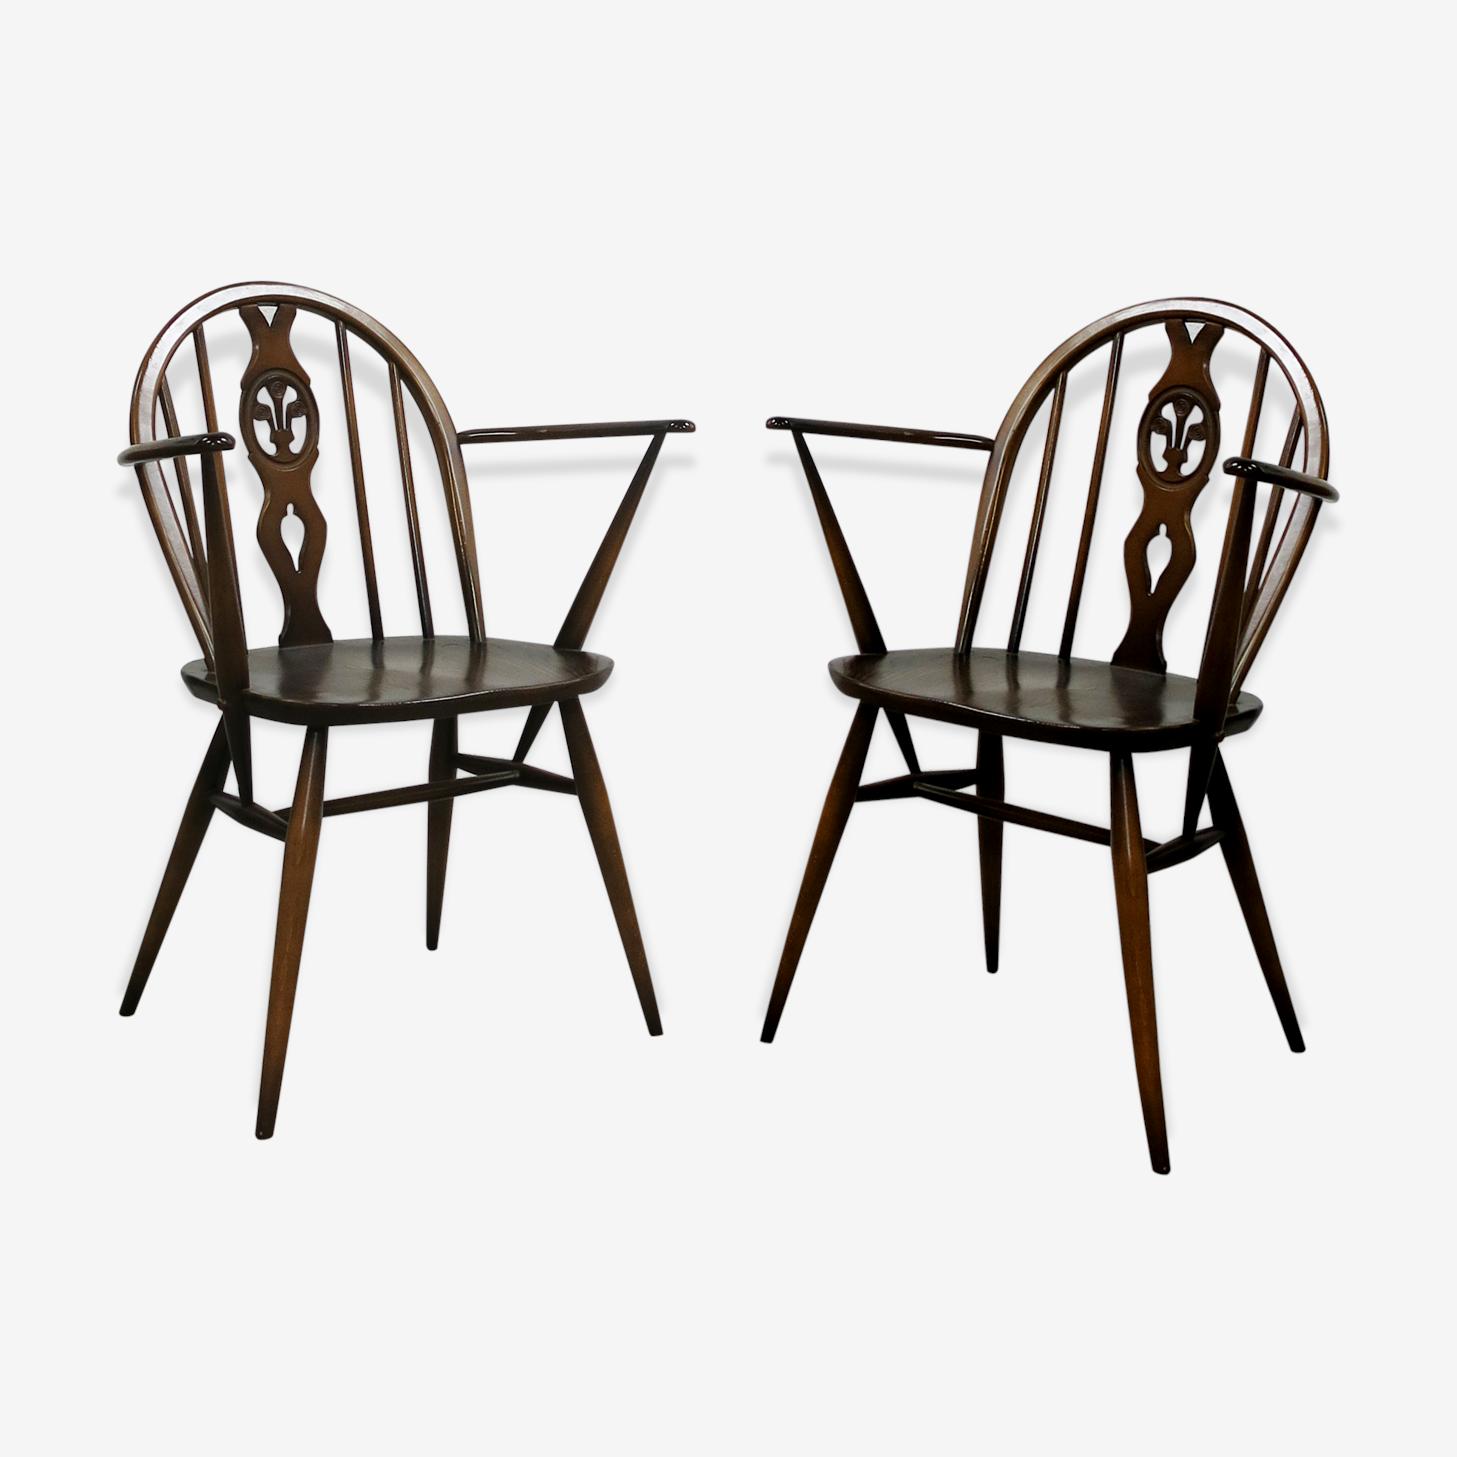 Paire de chaises de Windsor par Lucian Ercolani pour Ercol des années 70